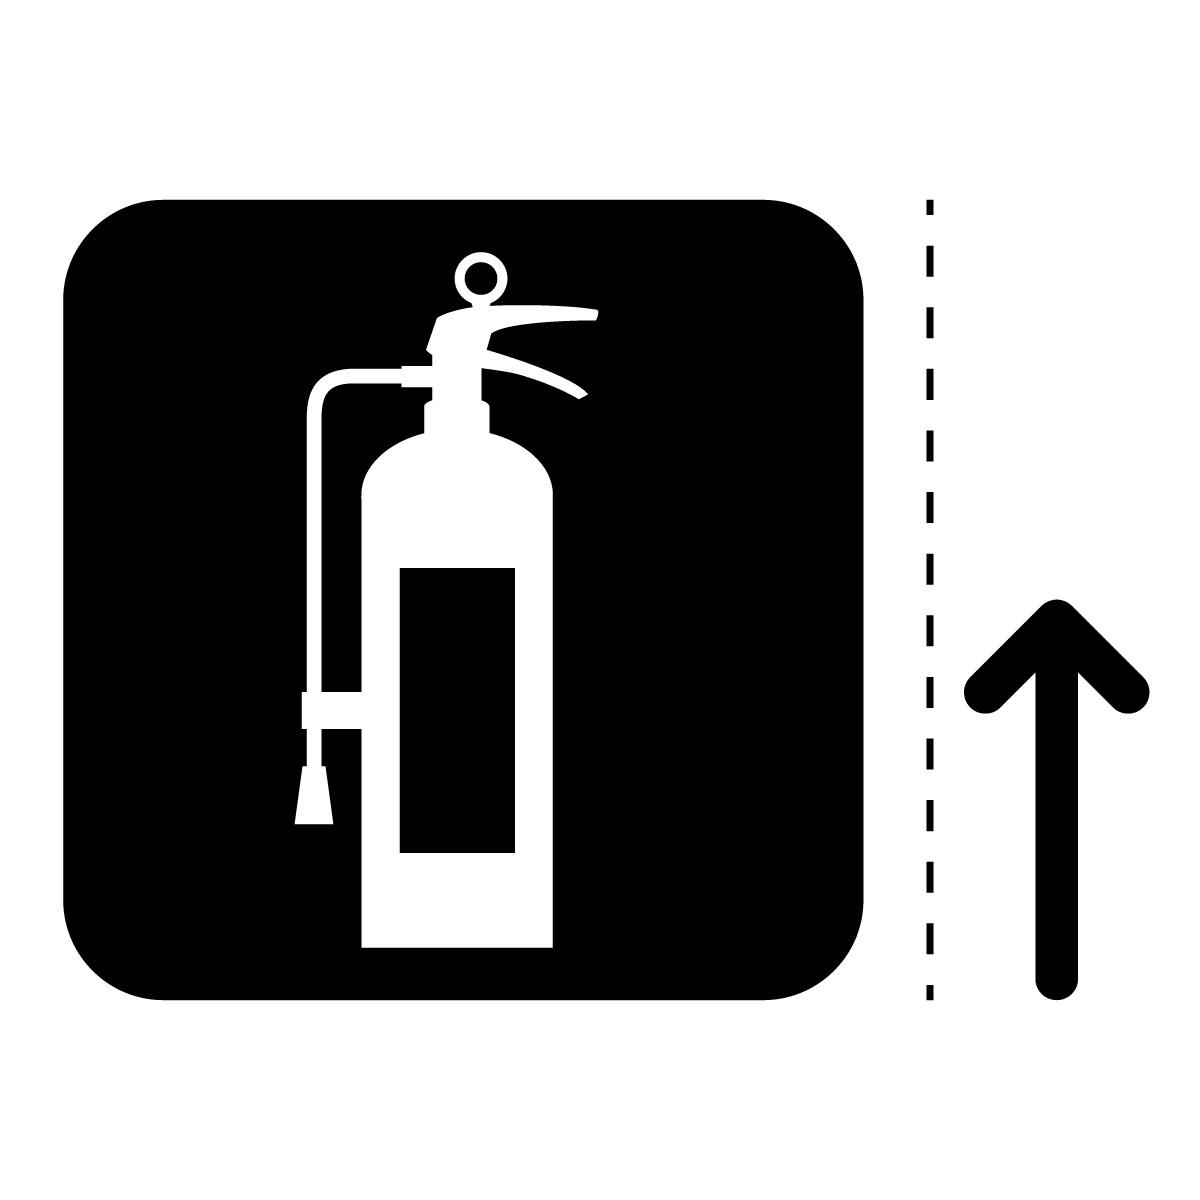 黒色の消火器案内マーク(矢印付き)のカッティングステッカー・シール